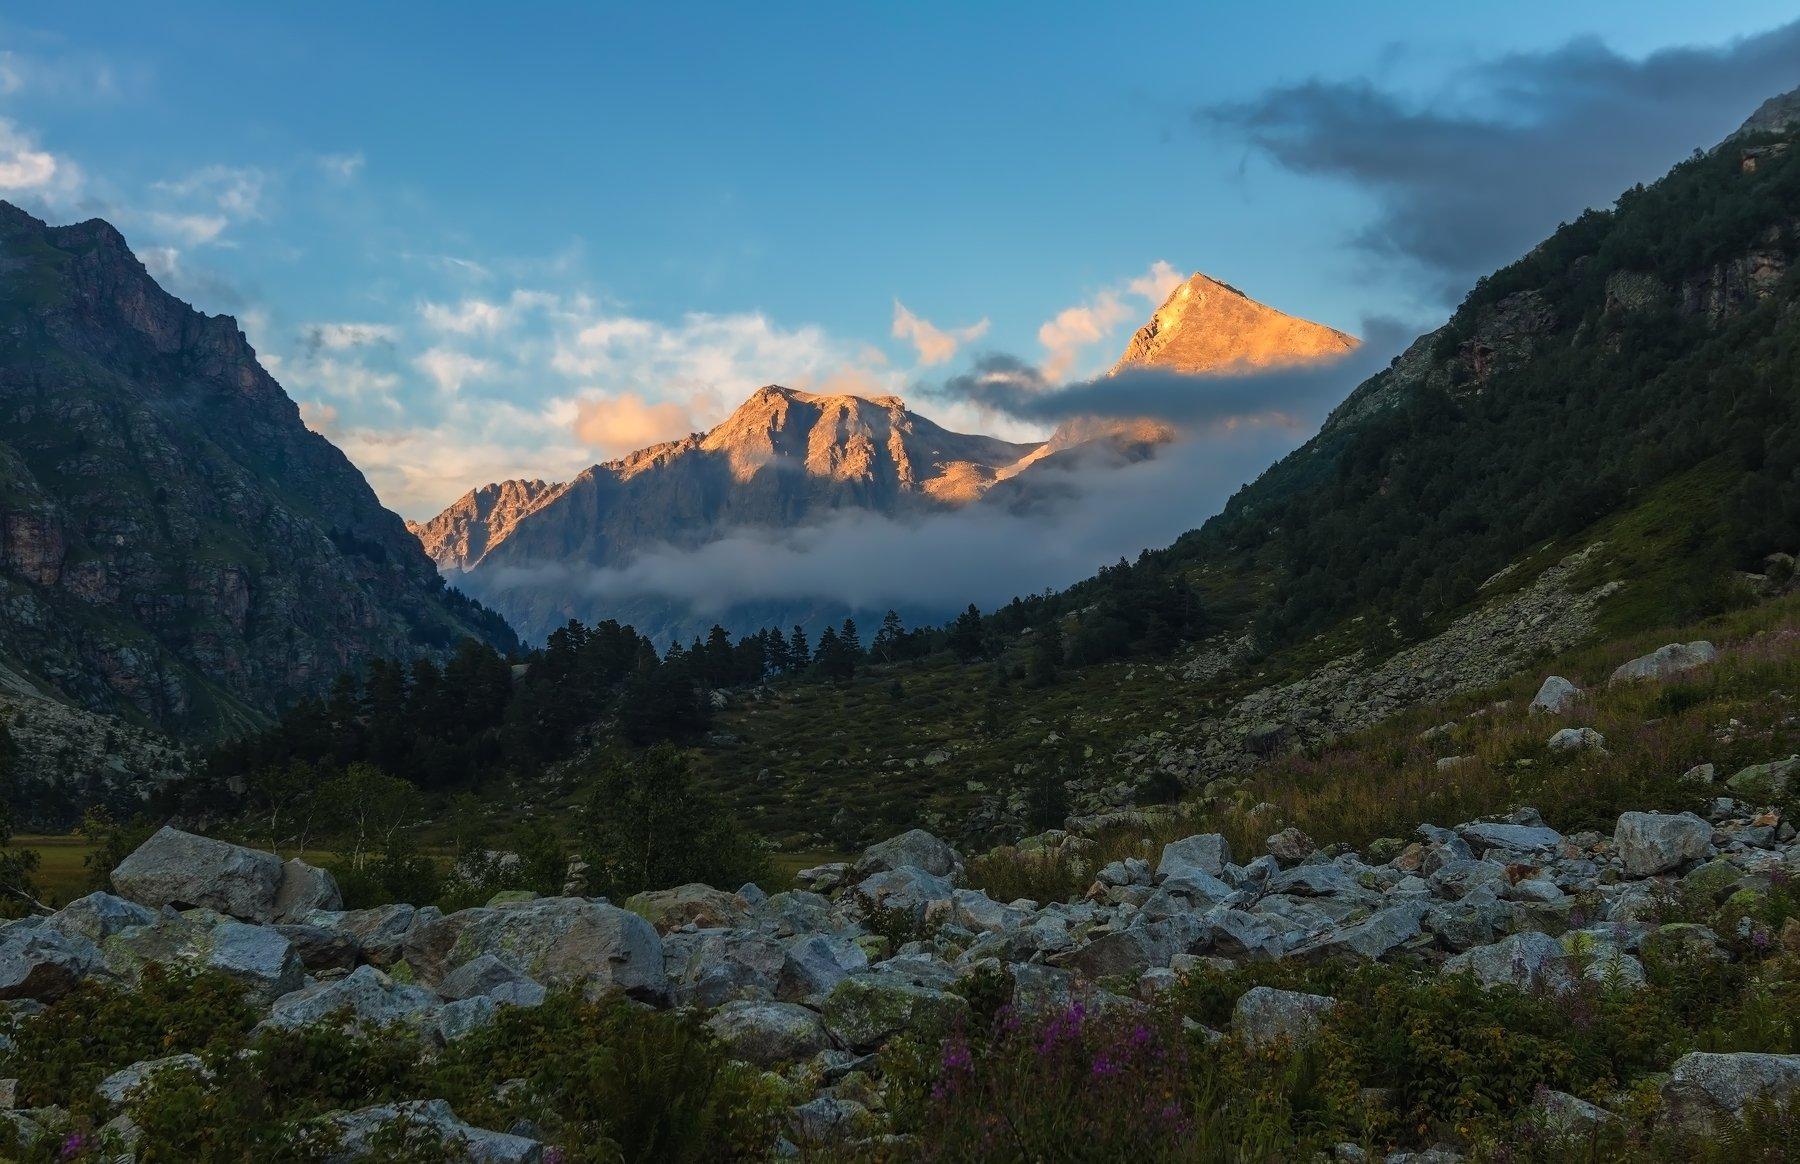 горы, закат, кавказ, альпинизм, Эстелла